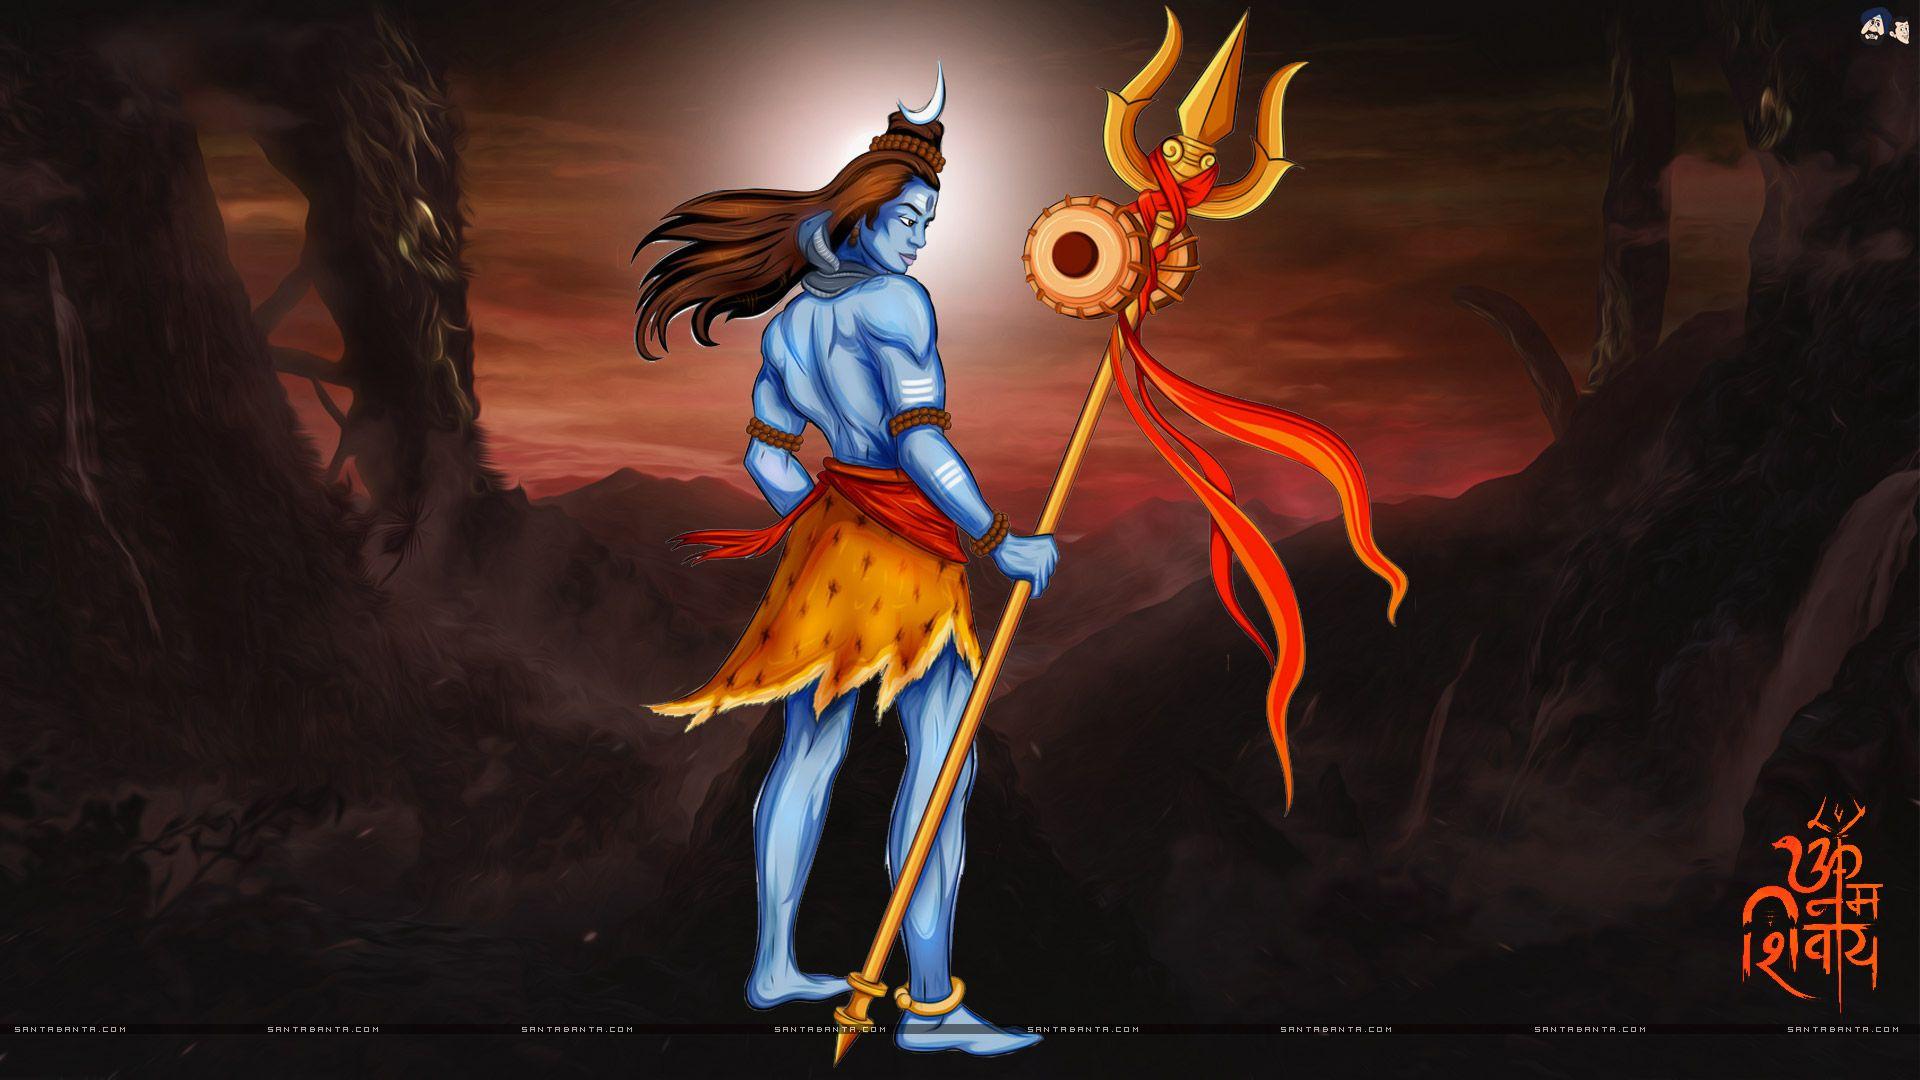 Lord Shiva Hd Wallpaper 106 Hindu Art Lord Shiva Lord Shiva Hd Wallpaper